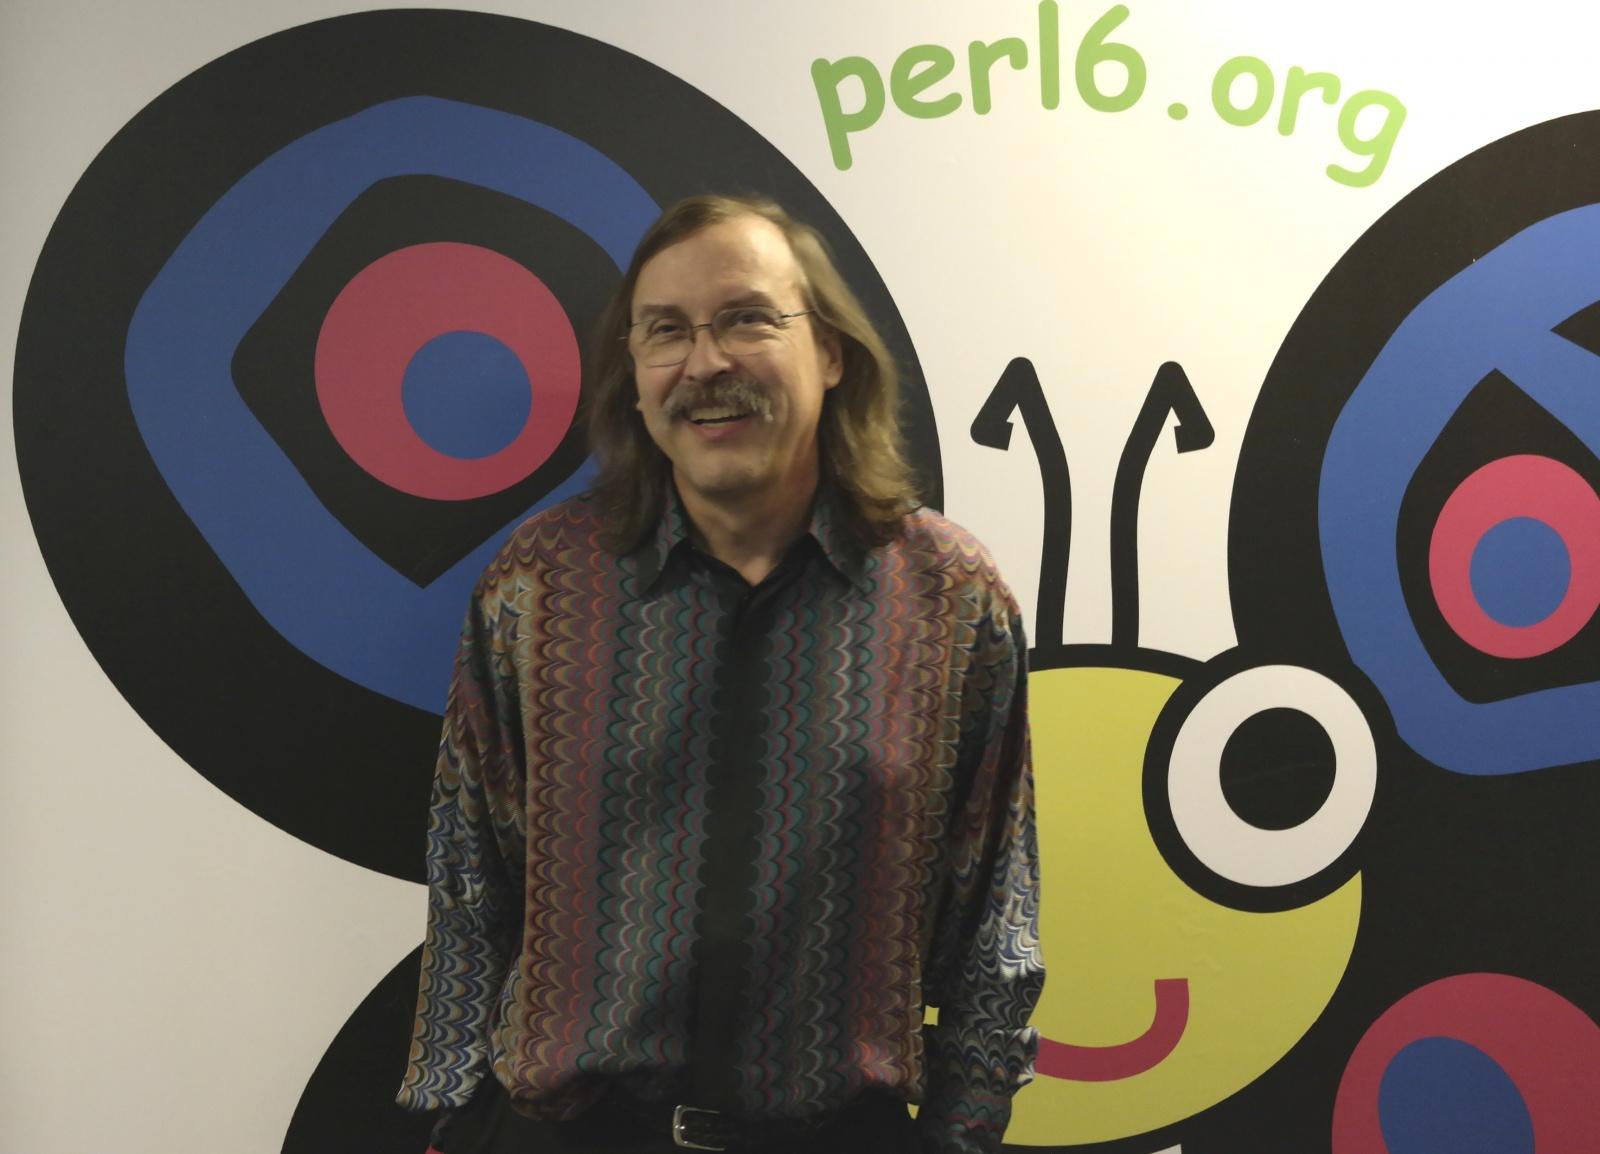 Персона: создатель Perl Ларри Уолл — «великодушный пожизненный диктатор» - 5